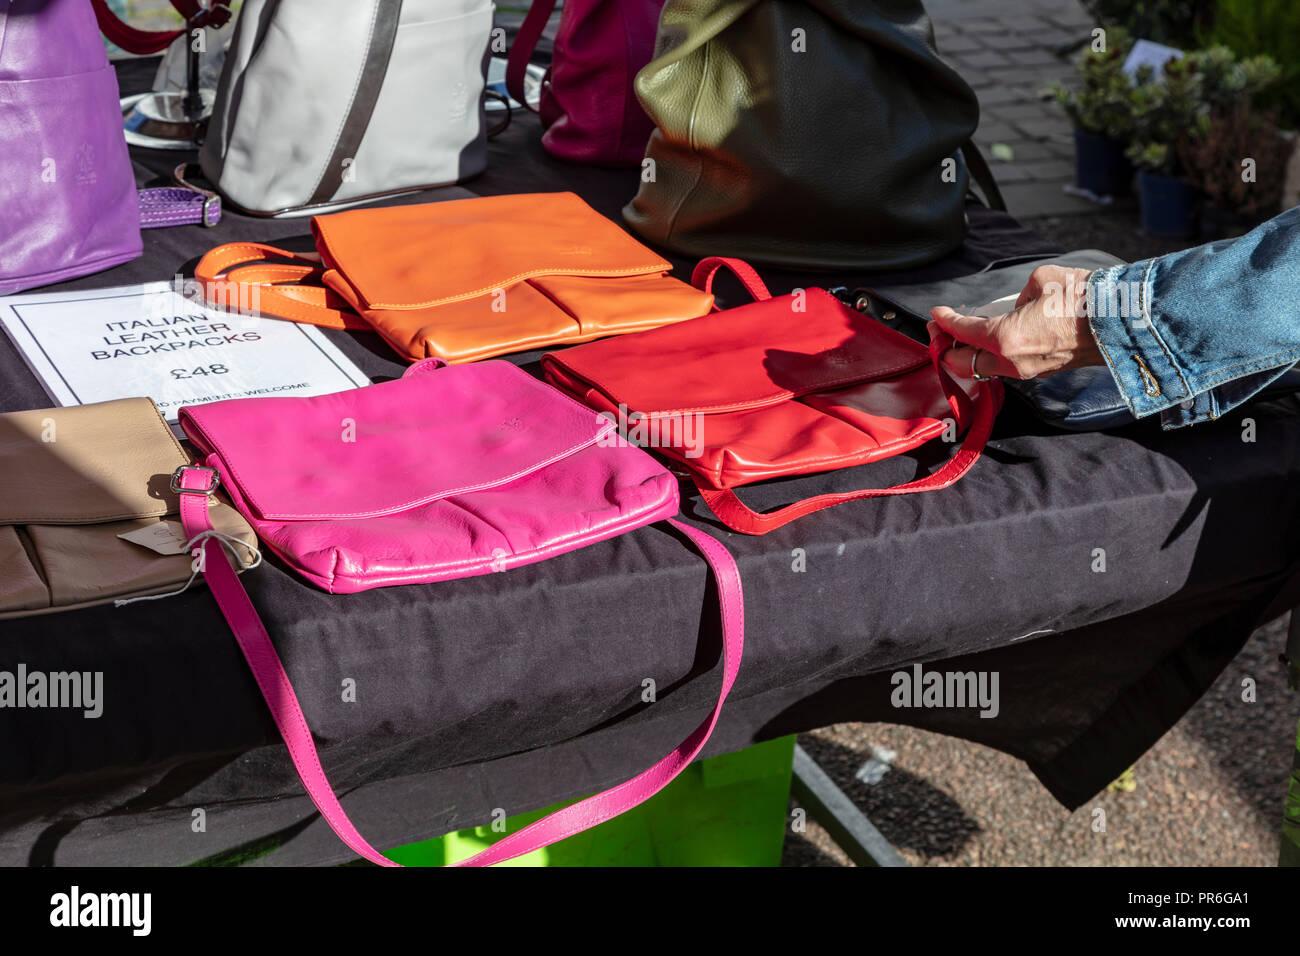 b4d2f1220 Calado en Ludlow mercado de venta de bolsos de cuero italiano y mochilas,  en una colorida exhibición, una mujer toca uno de mano, Ludlow, Shropshire,  RU